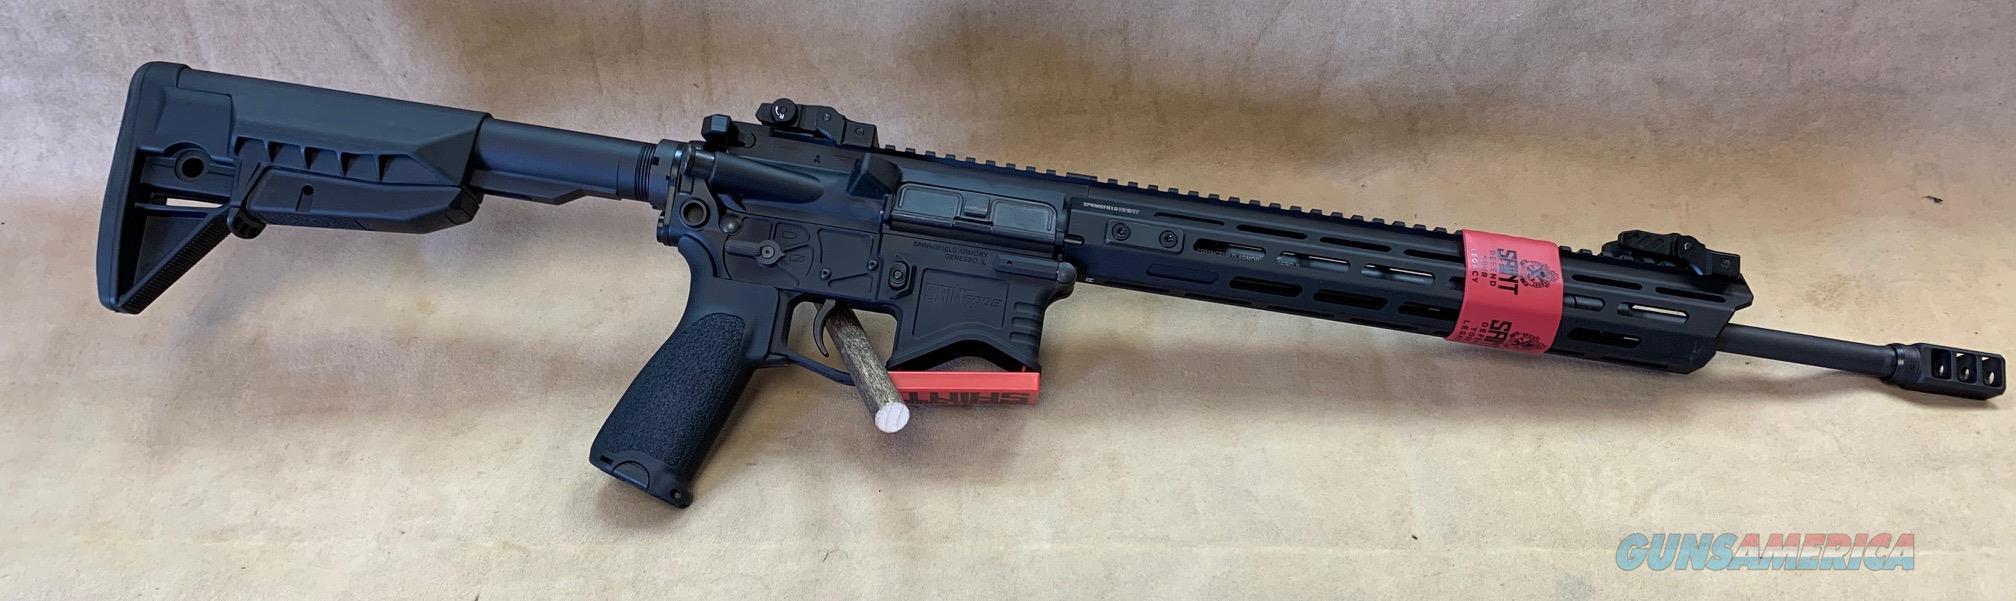 STE916556B Springfield Armory Saint Edge 223/5.56  Guns > Rifles > Springfield Armory Rifles > SAINT